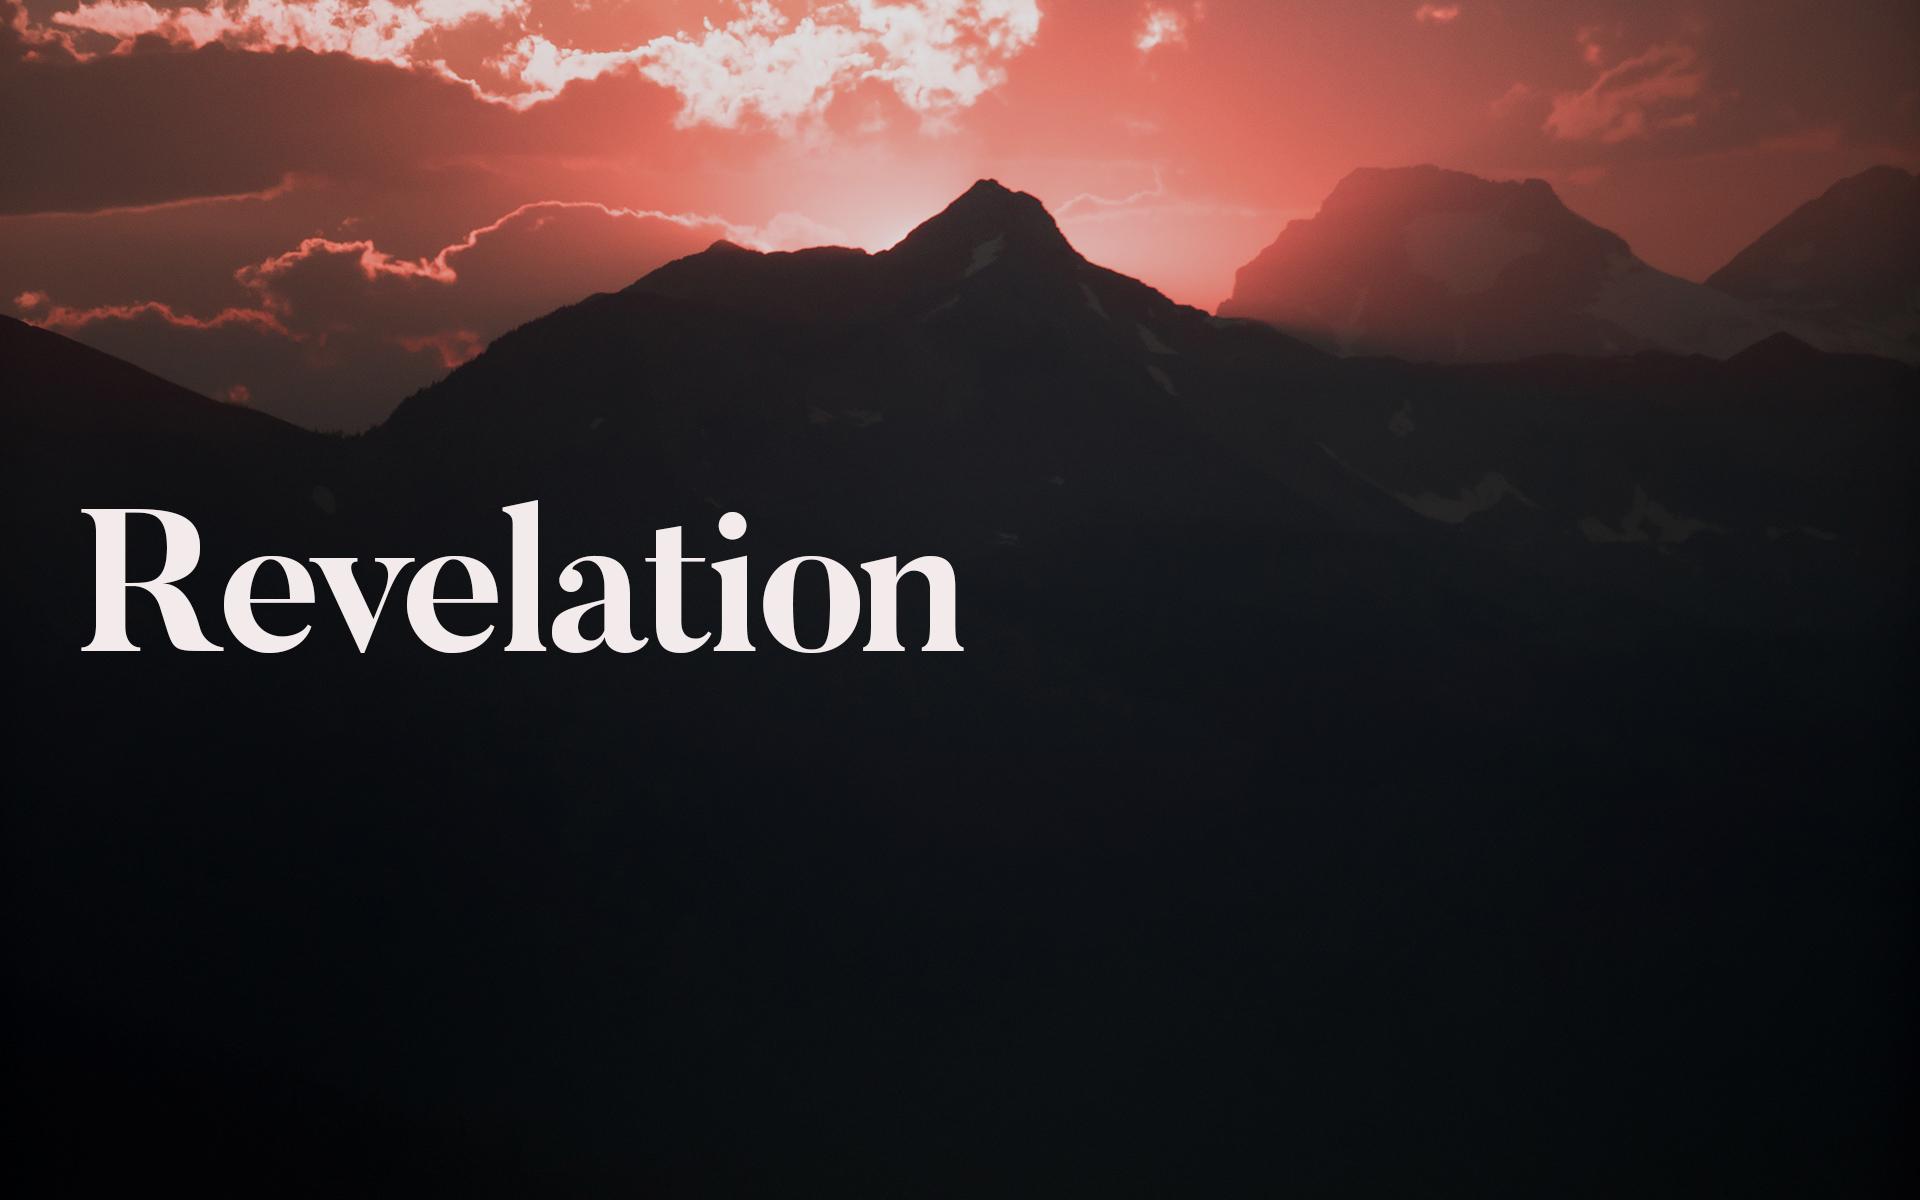 Revelation v2.jpg